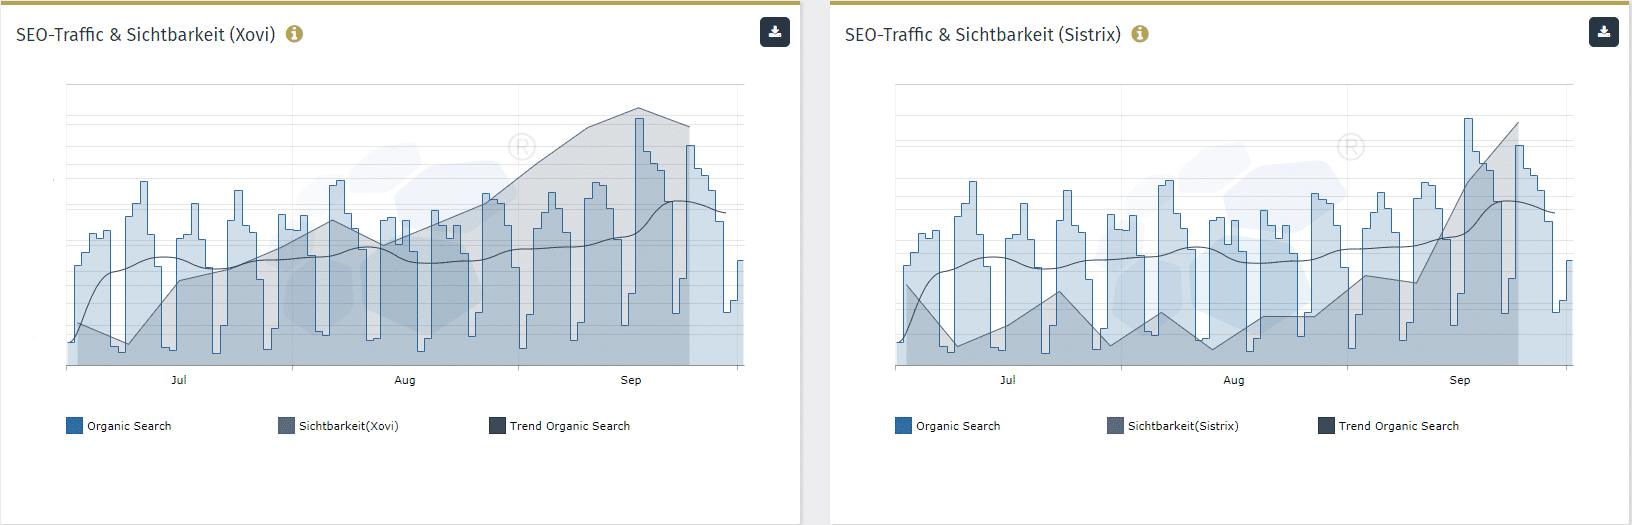 Traffic vs. Sichtbarkeit